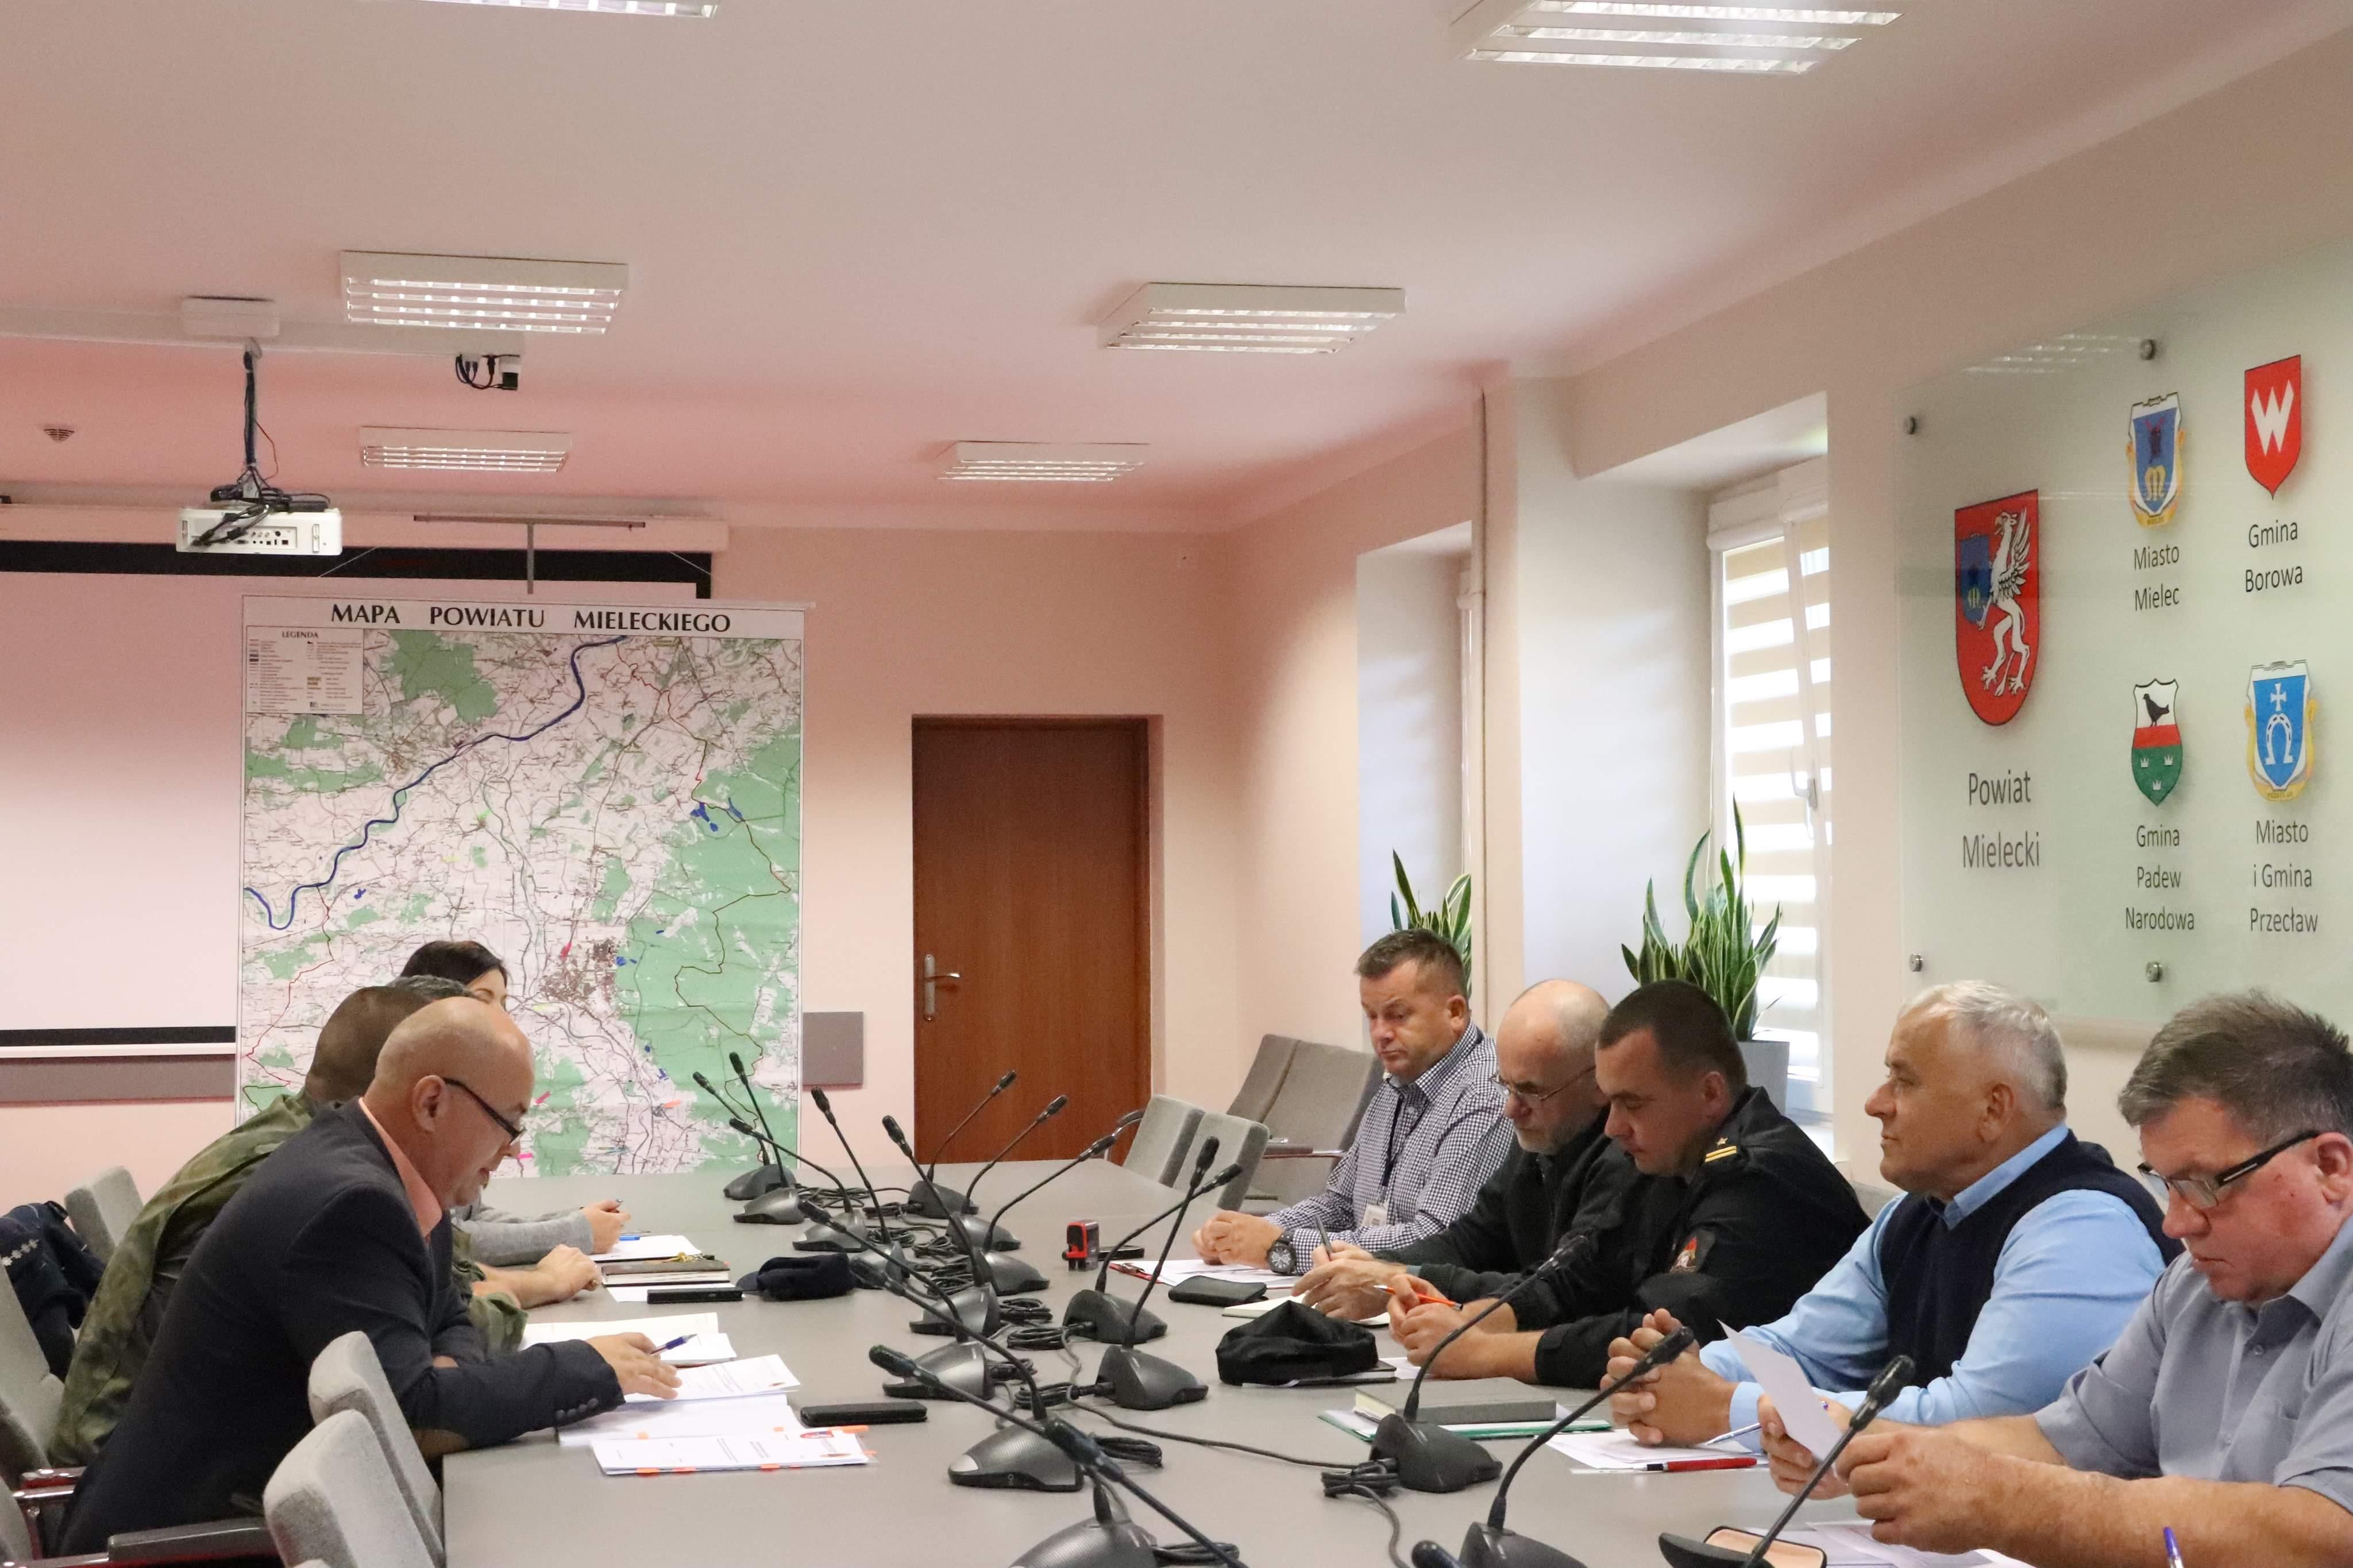 Powiat opracowuje plany na wypadek katastrofy - Zdjęcie główne